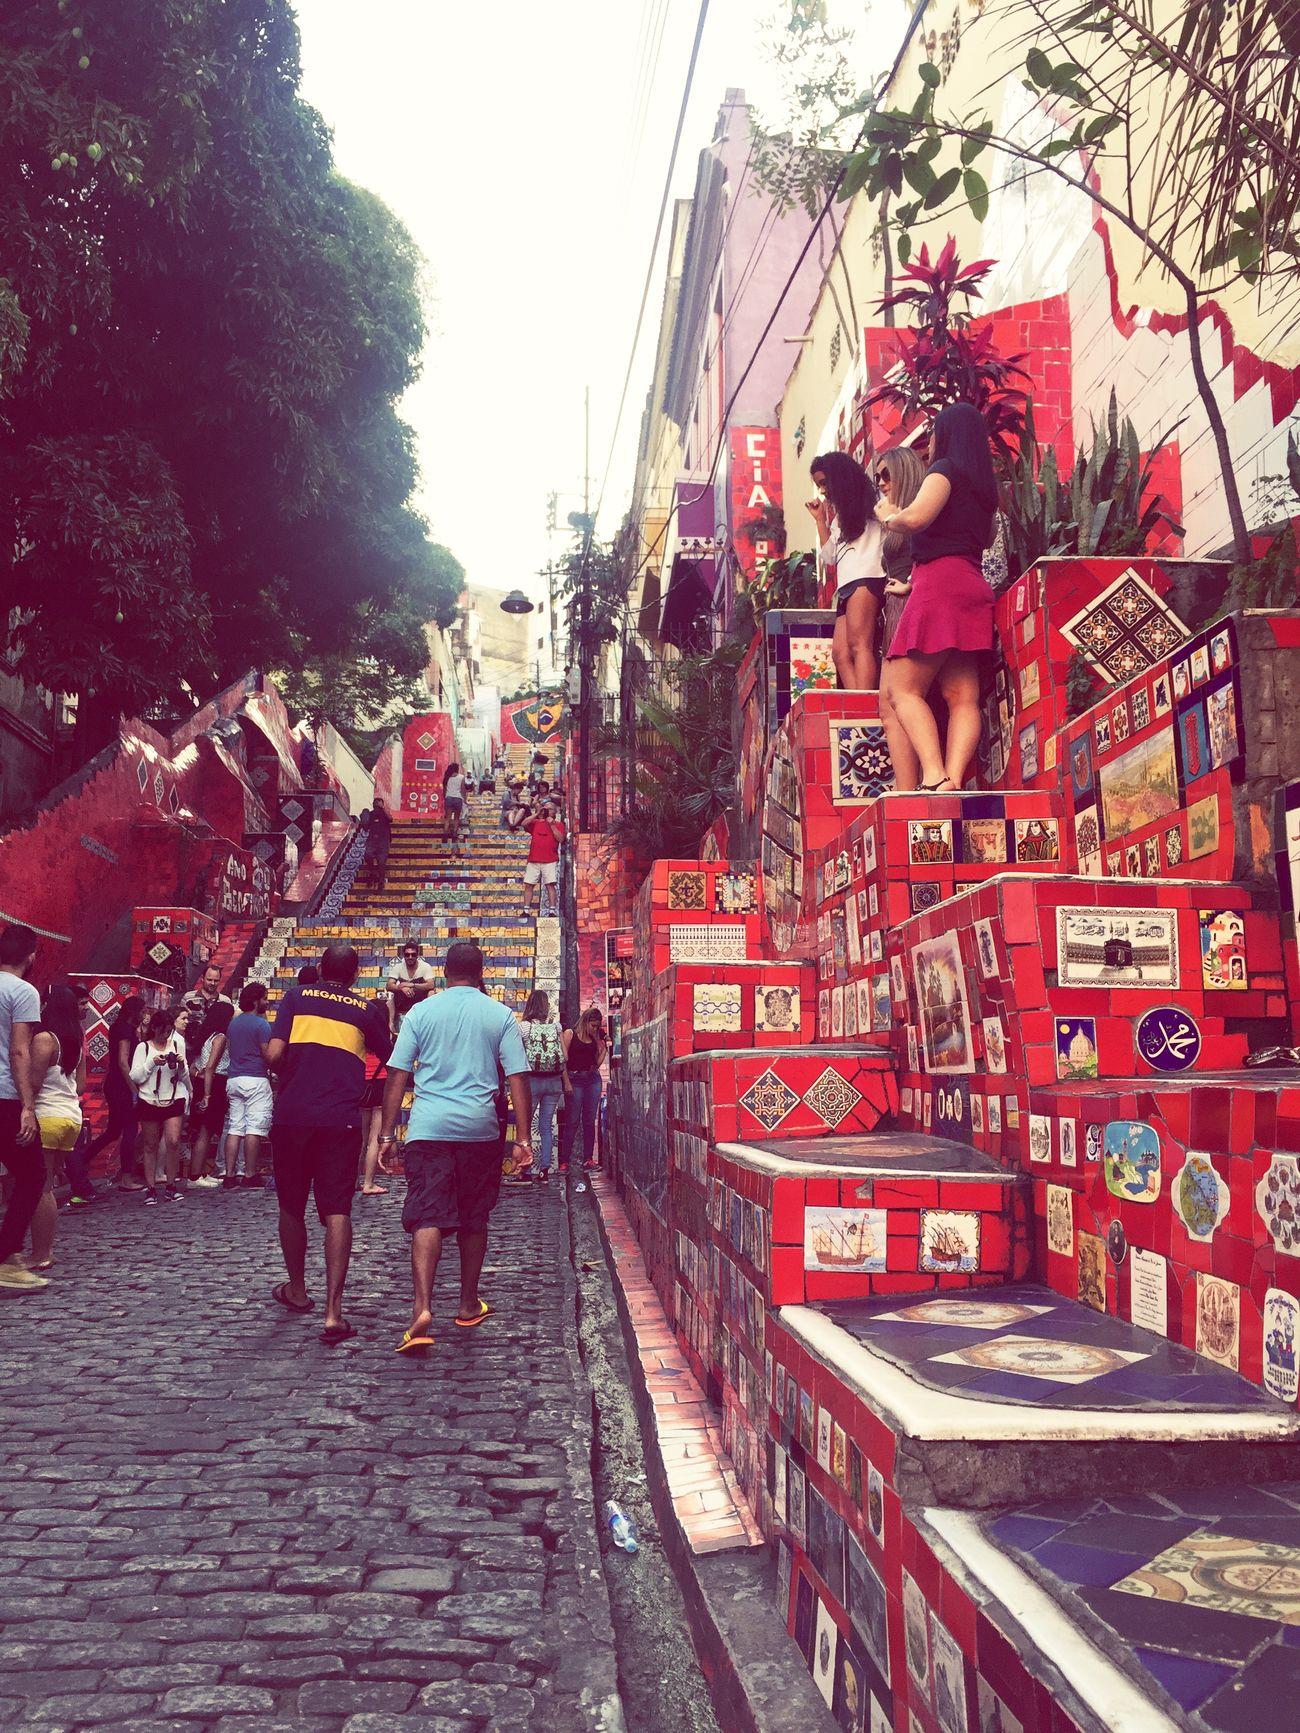 Amazing Place Brazil